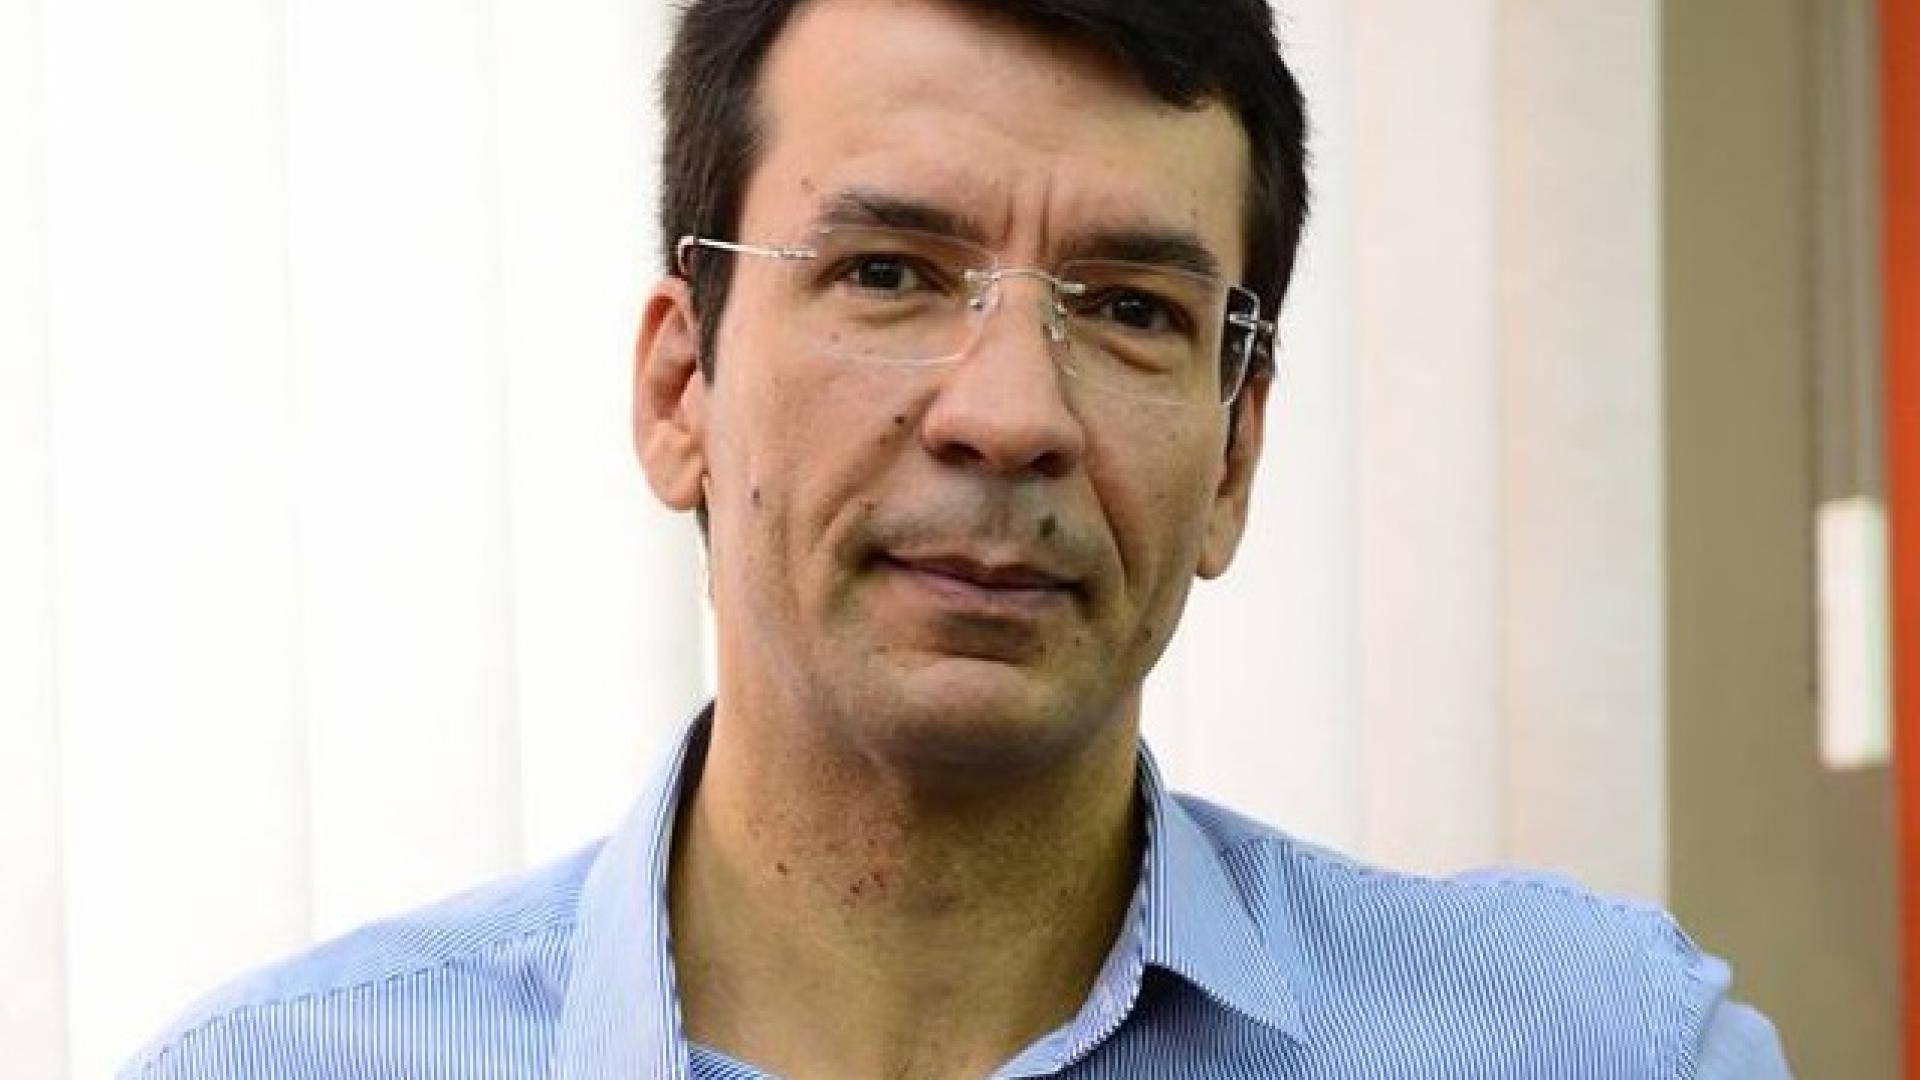 Humberto Barbosa